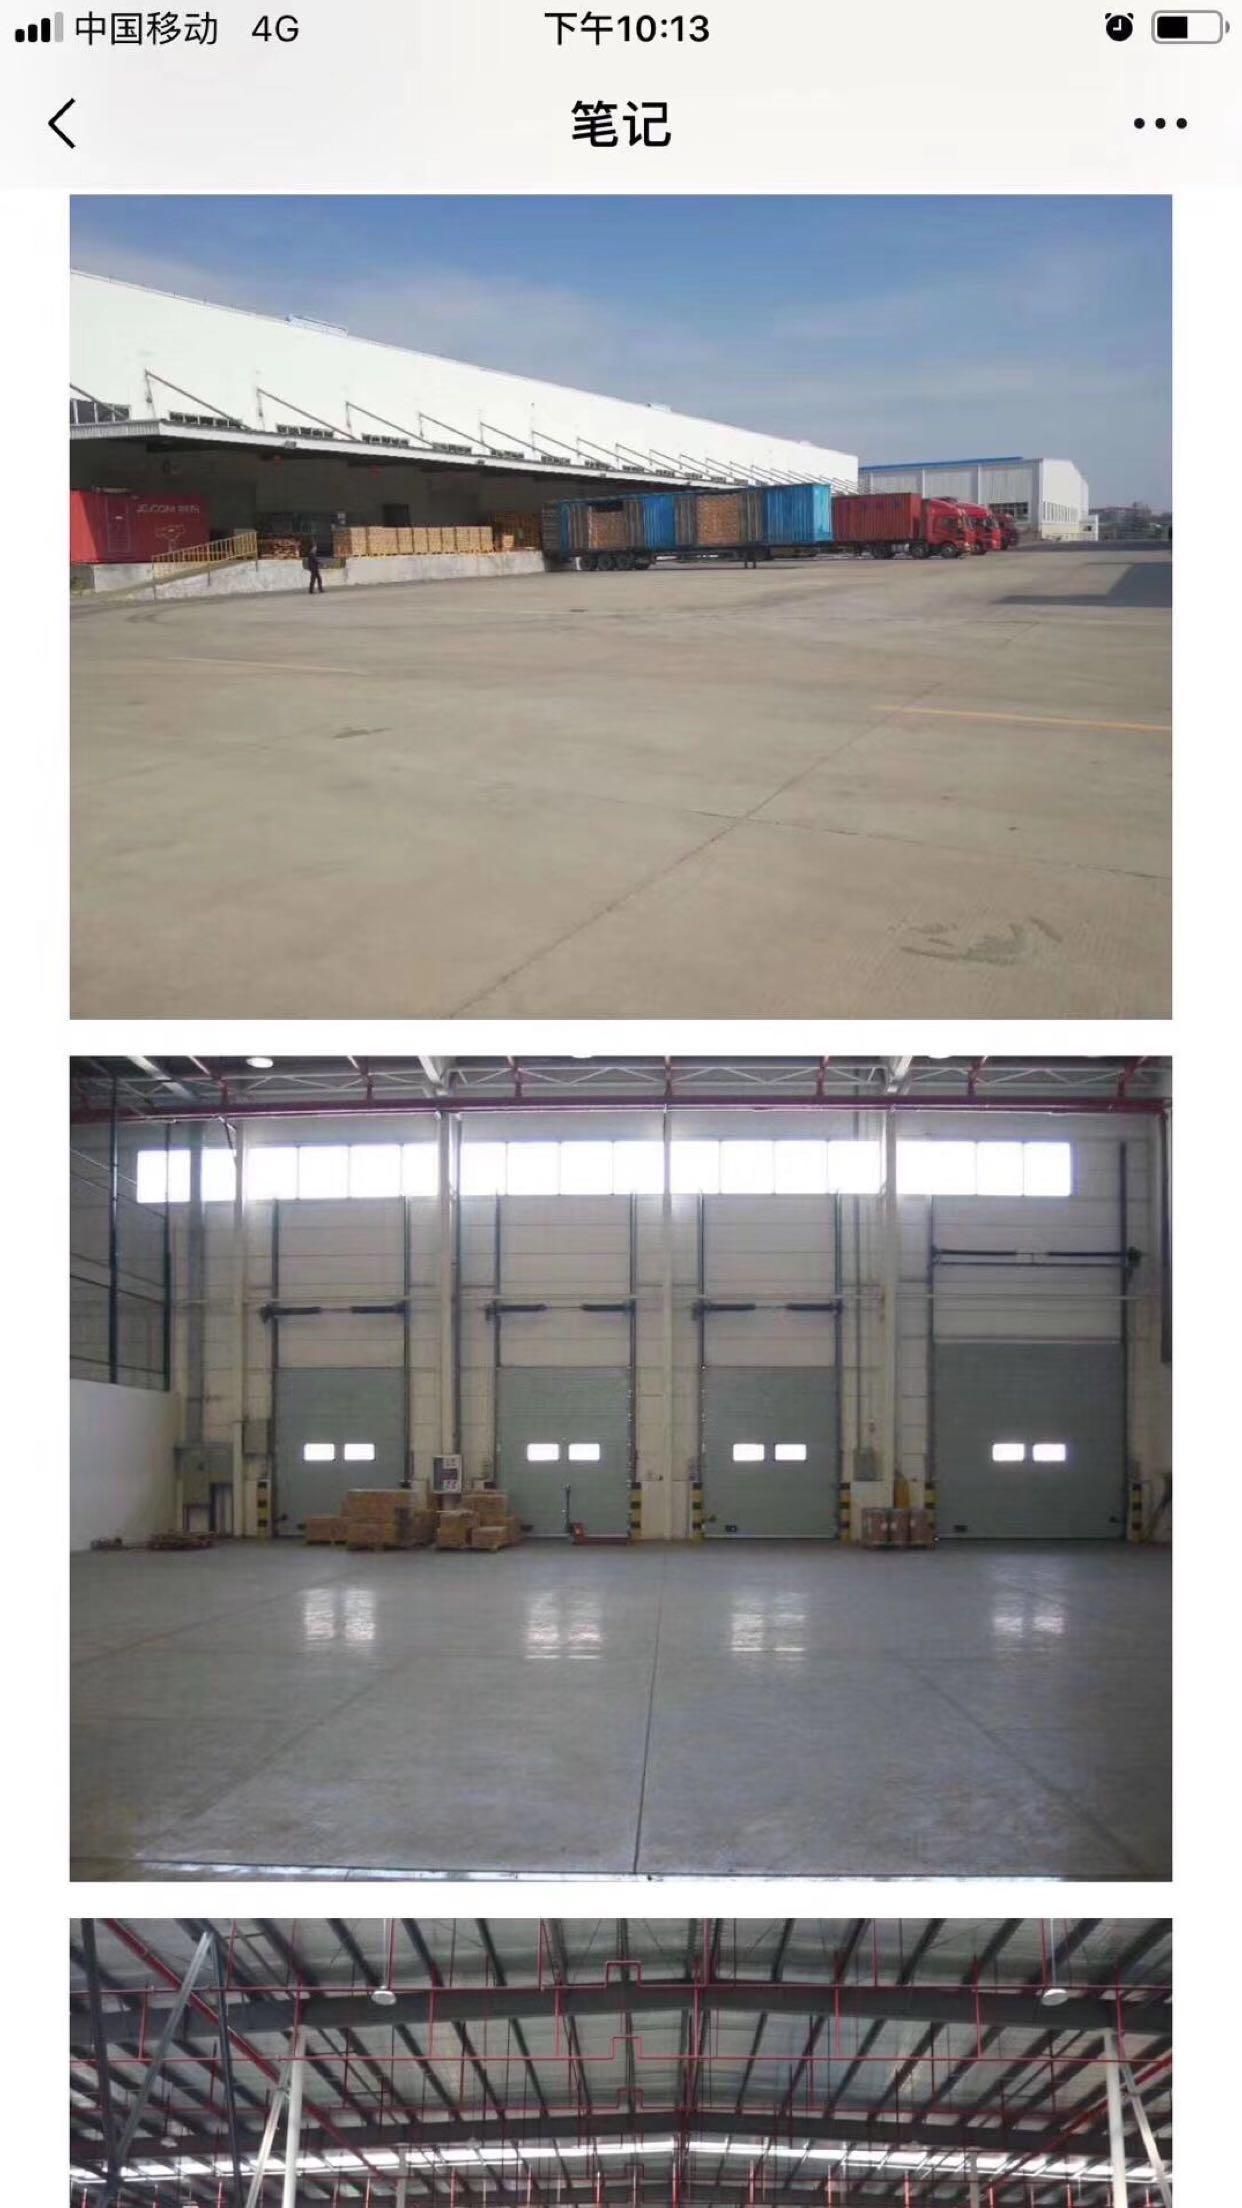 茶山带卸货平台仓库。